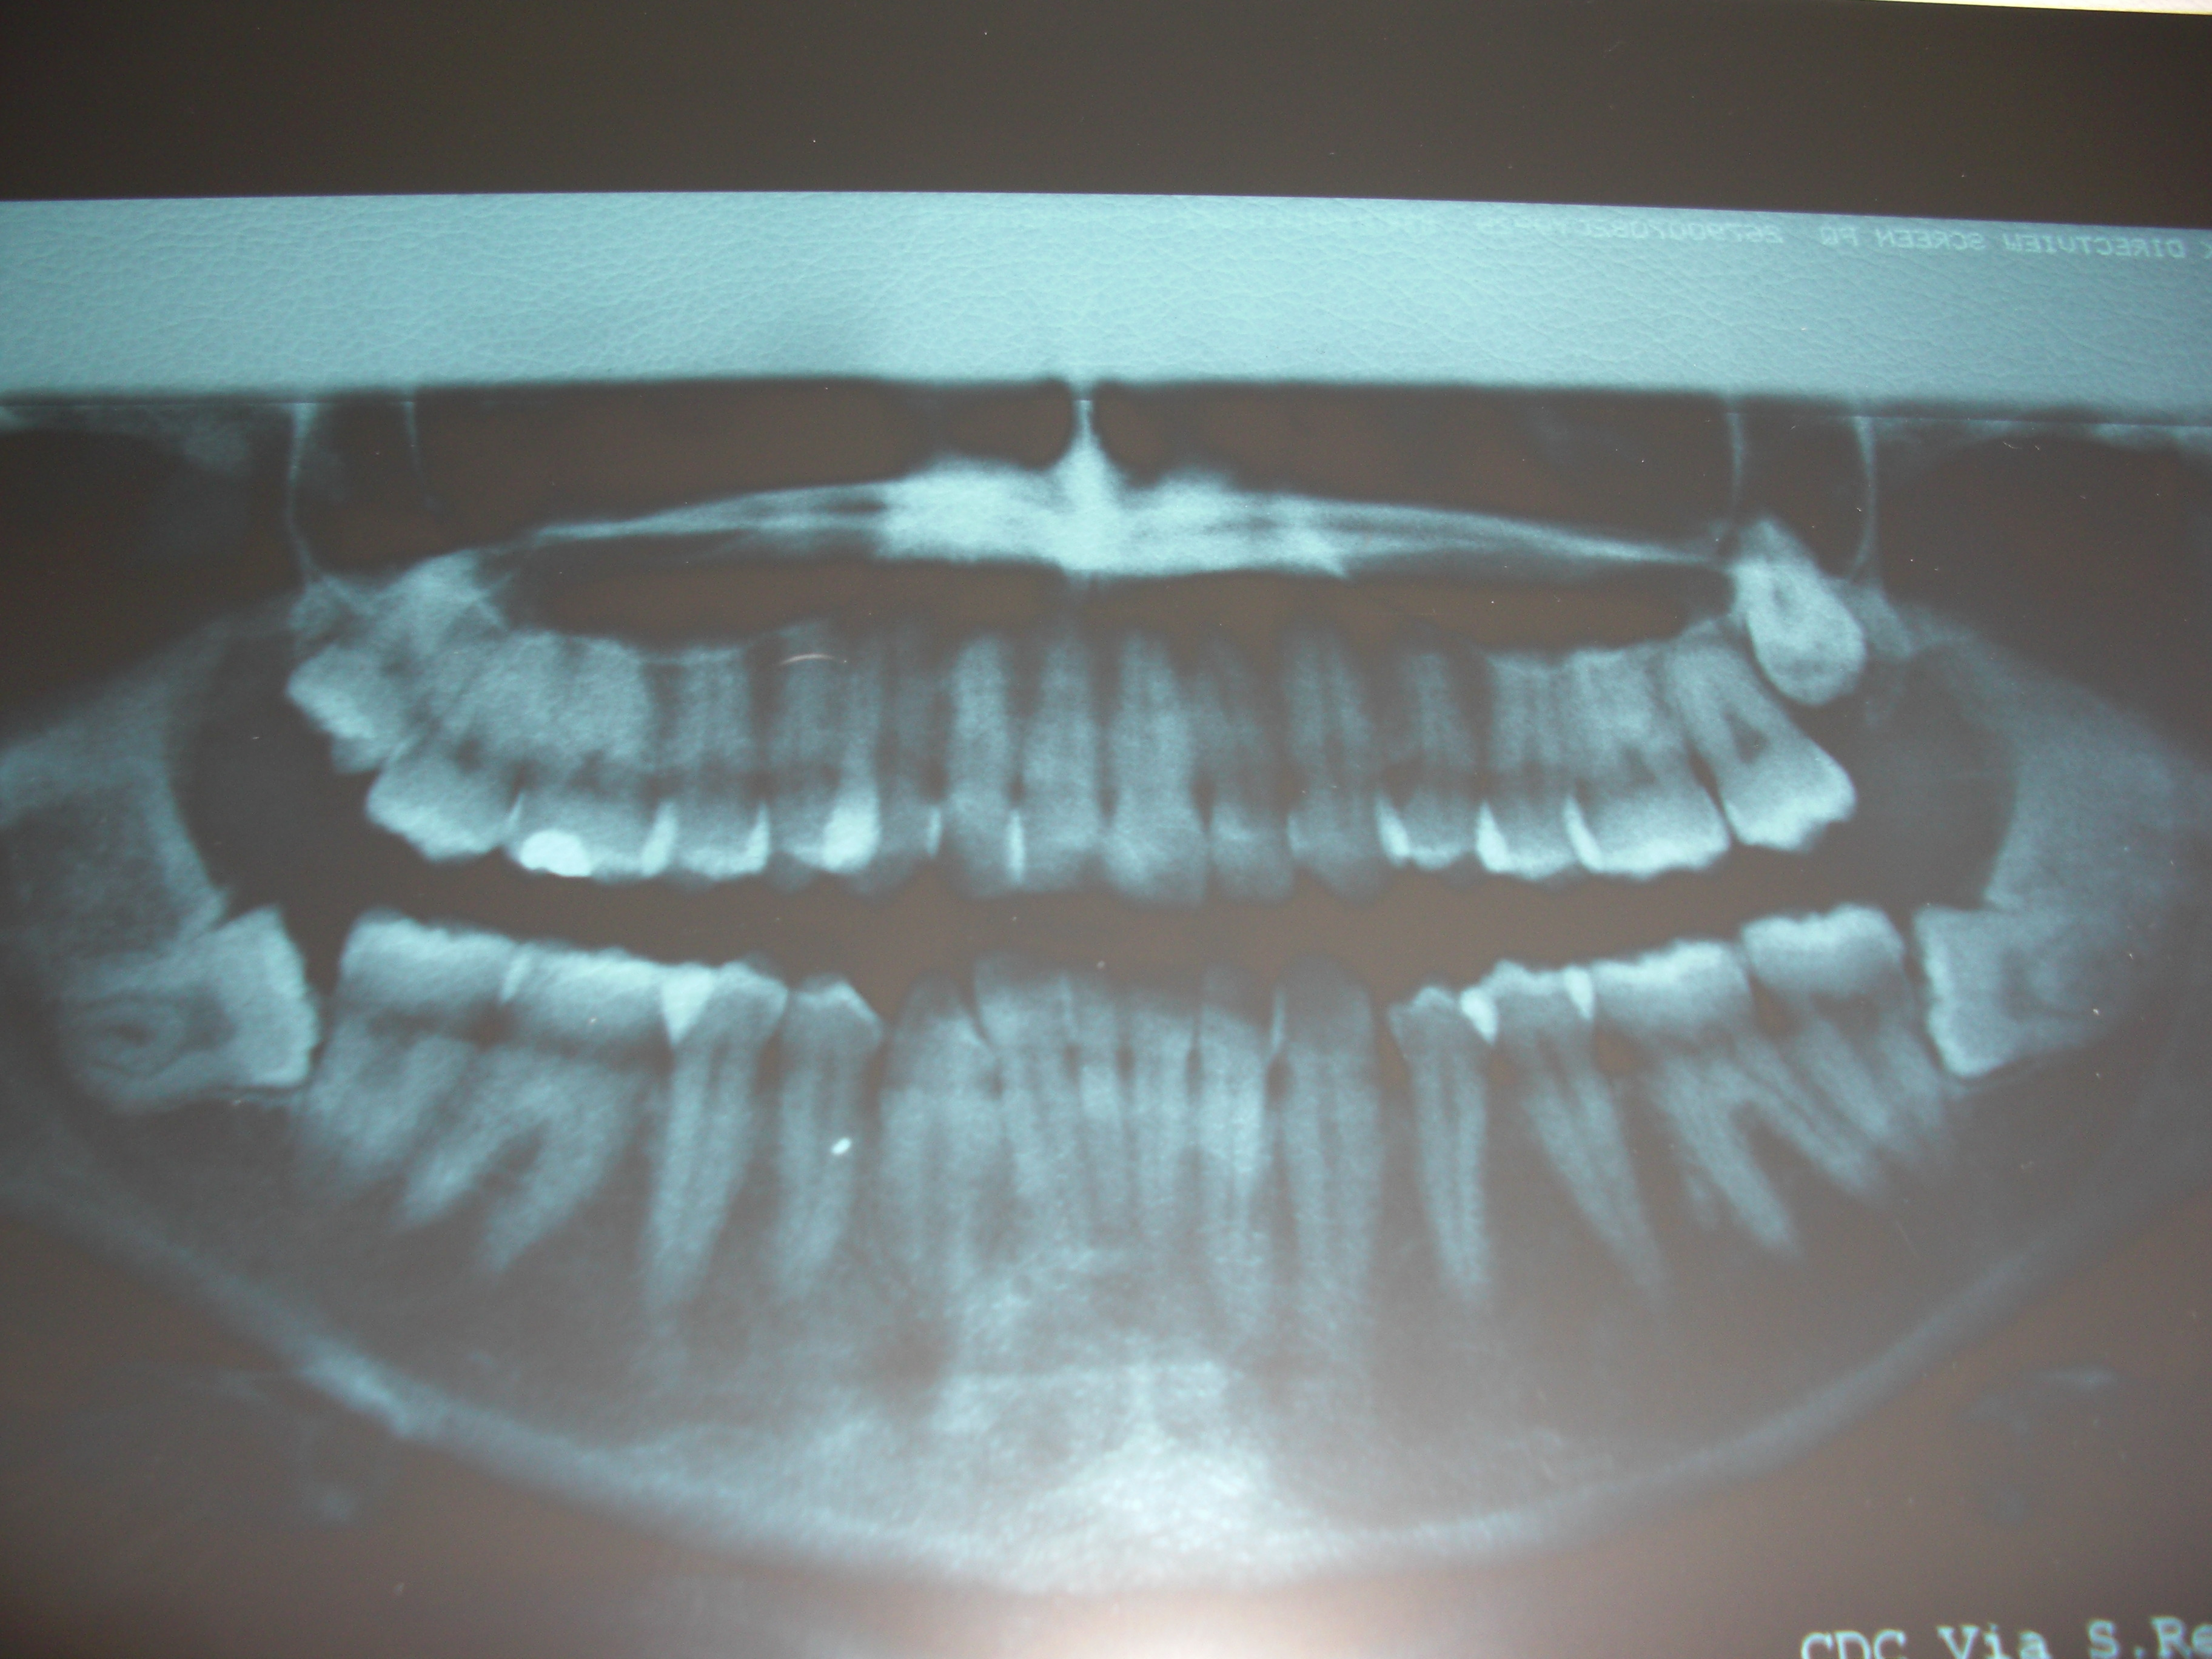 Mi è stato consigliato di togliere tutti e quattro i denti del giudizio